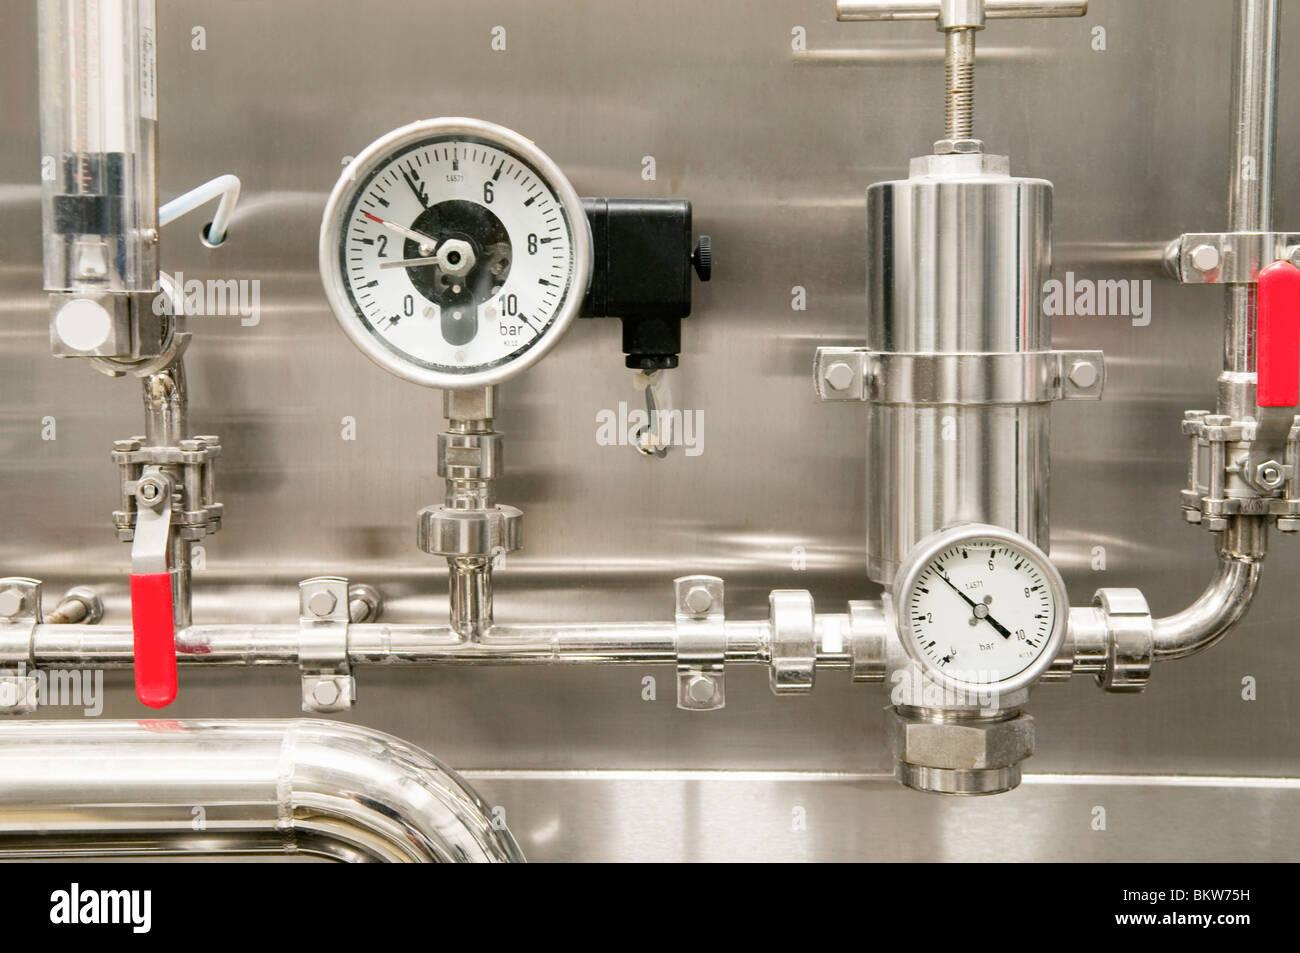 Varied gauges - Stock Image